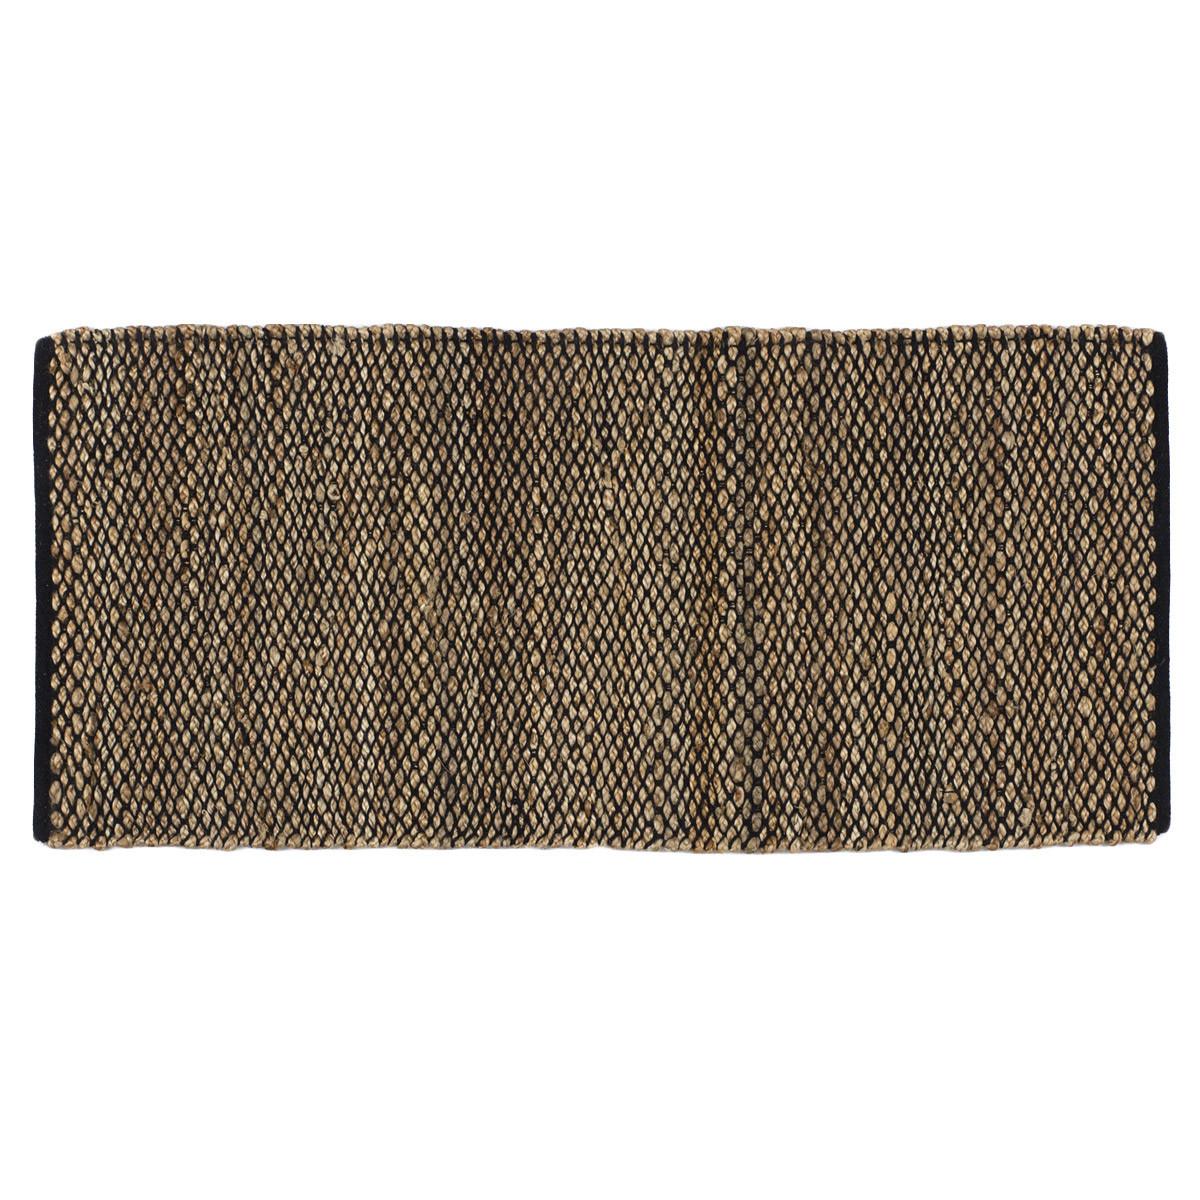 Χαλί Κουζίνας (60x130) Nima Carpets Tricote home   χαλιά   χαλιά κουζίνας   διάδρομοι